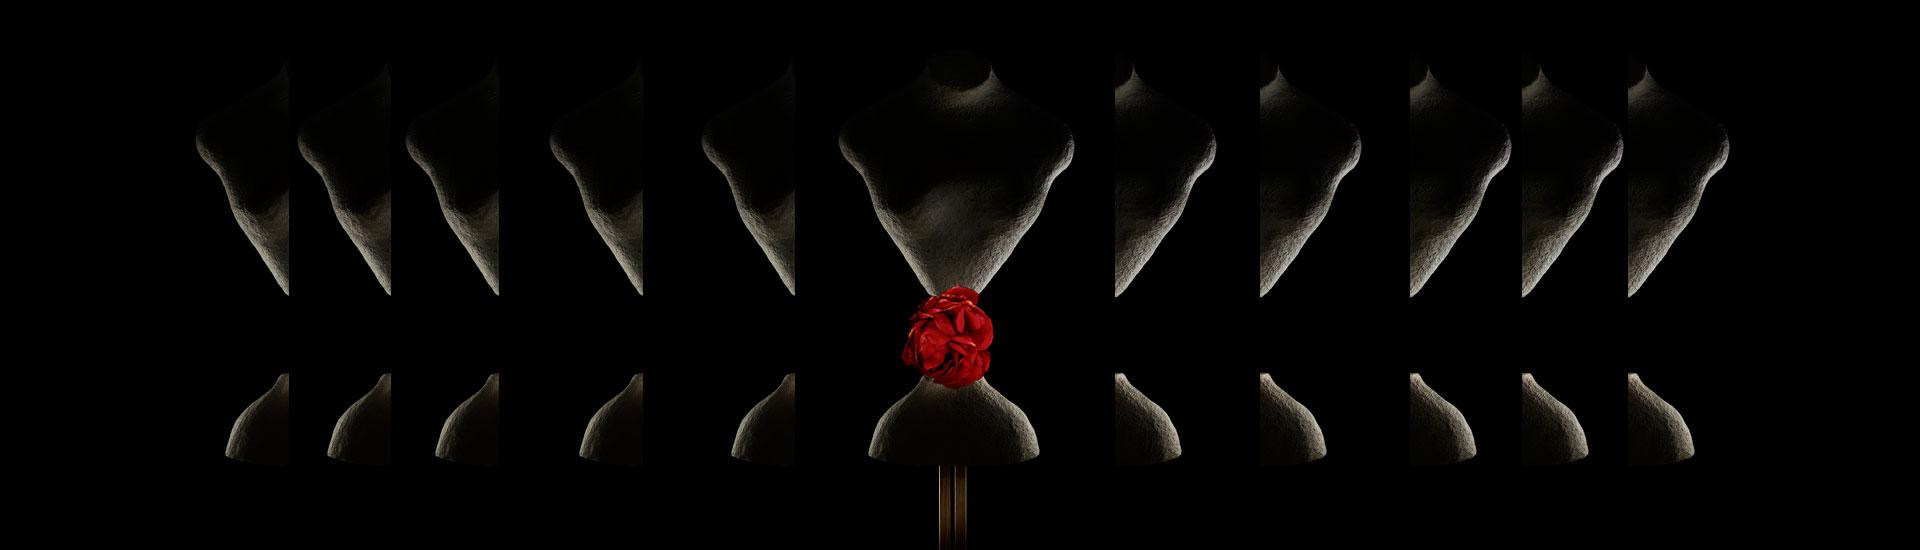 Crillon-Banner-ROSE.jpg